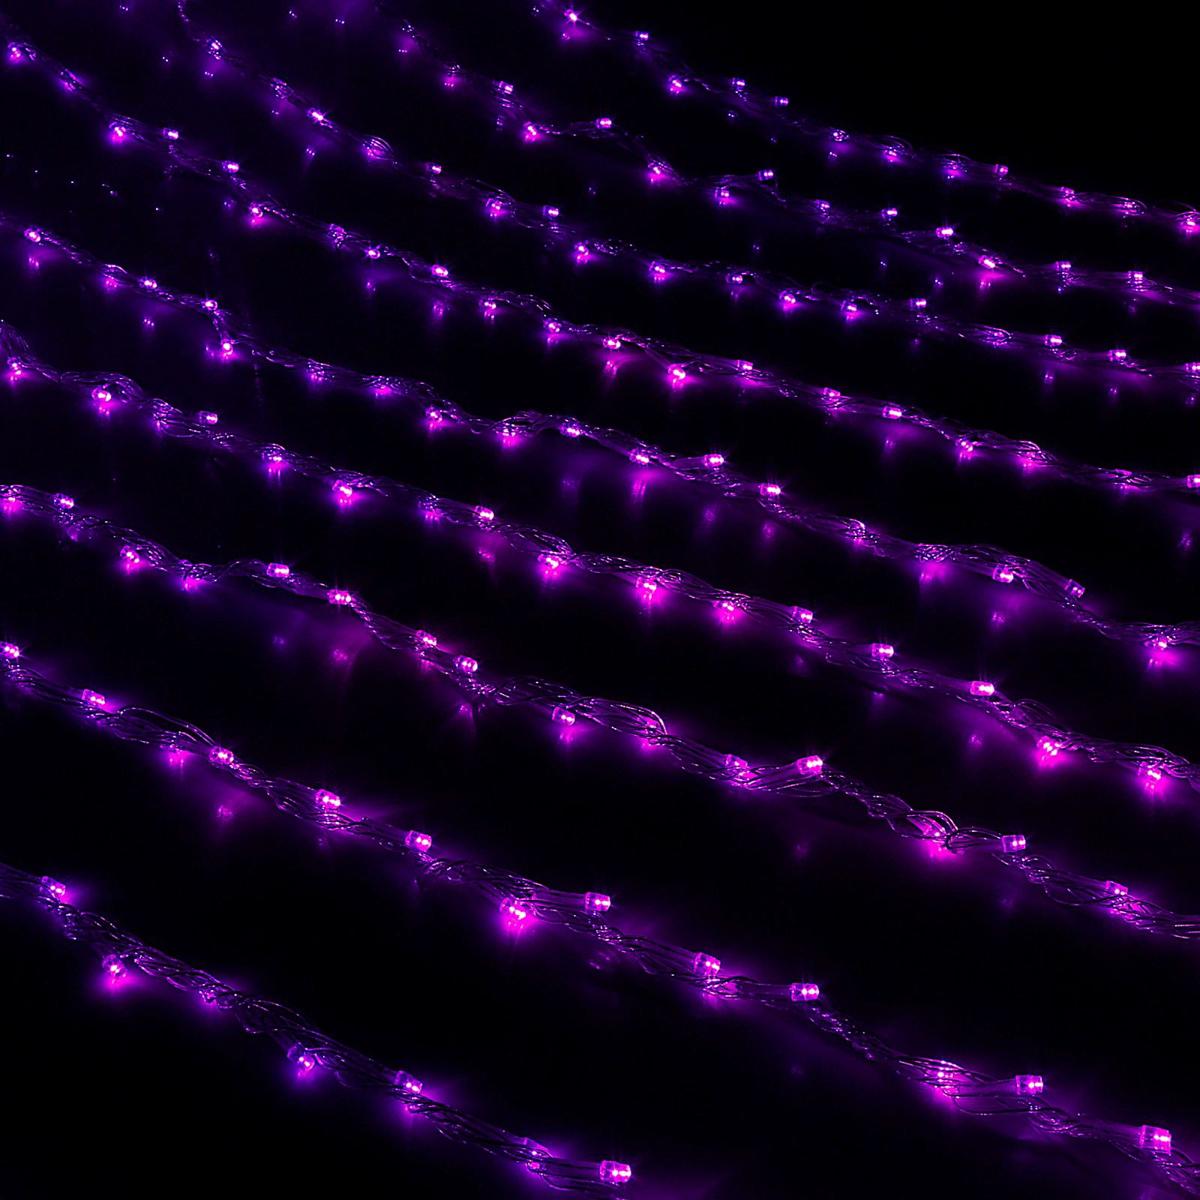 Гирлянда светодиодная Luazon Дождь, цвет: фиолетовый, 800 ламп, 8 режимов, 220 V, 2 х 3 м. 187190187190Светодиодные гирлянды и ленты — это отличный вариант для новогоднего оформления интерьера или фасада. С их помощью помещение любого размера можно превратить в праздничный зал, а внешние элементы зданий, украшенные ими, мгновенно станут напоминать очертания сказочного дворца. Такие украшения создают ауру предвкушения чуда. Деревья, фасады, витрины, окна и арки будто специально созданы, чтобы вы украсили их светящимися нитями.